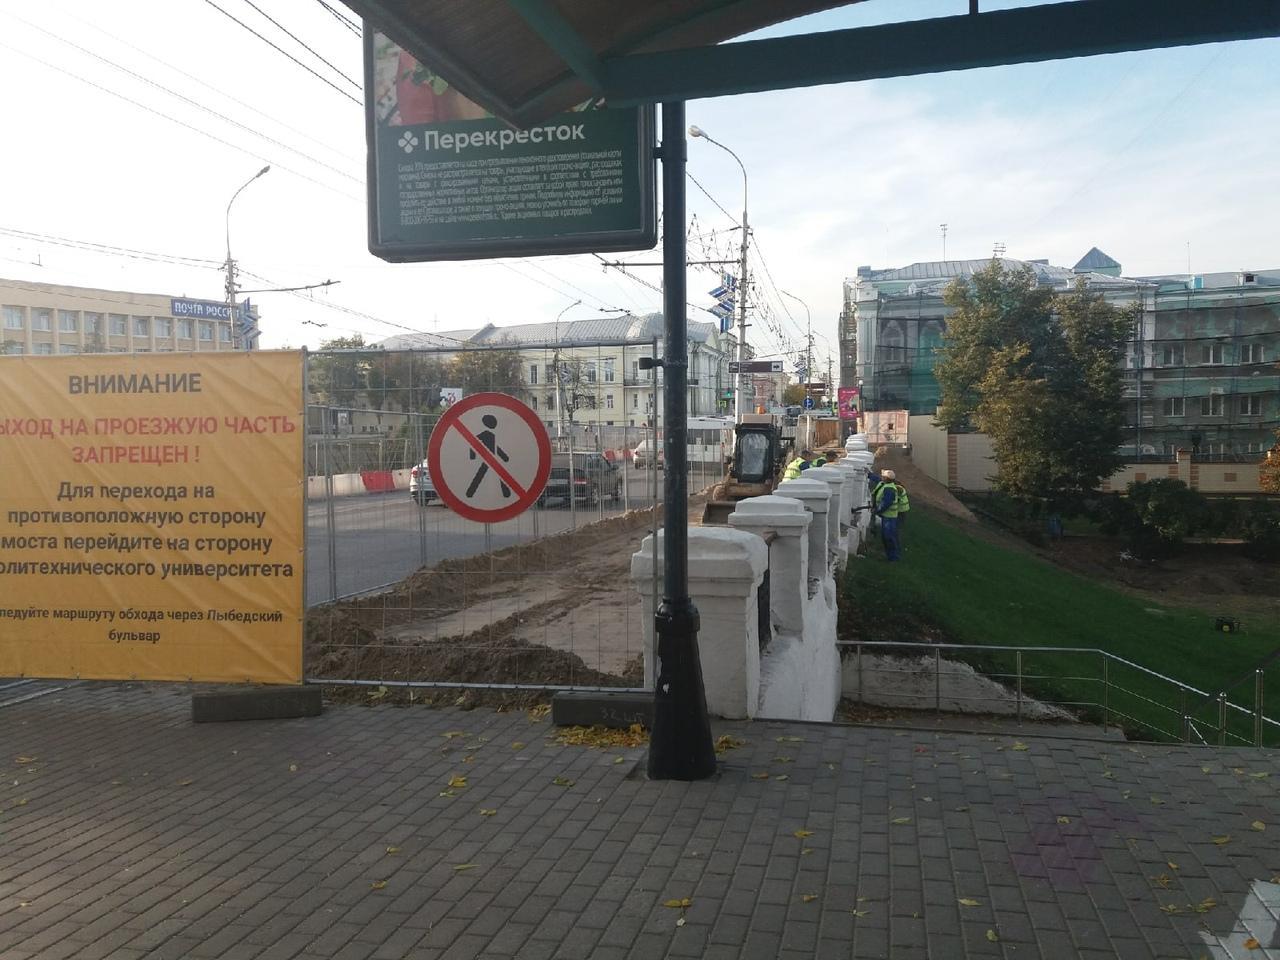 Схему движения общественного транспорта на улице Ленина снова скорректировали